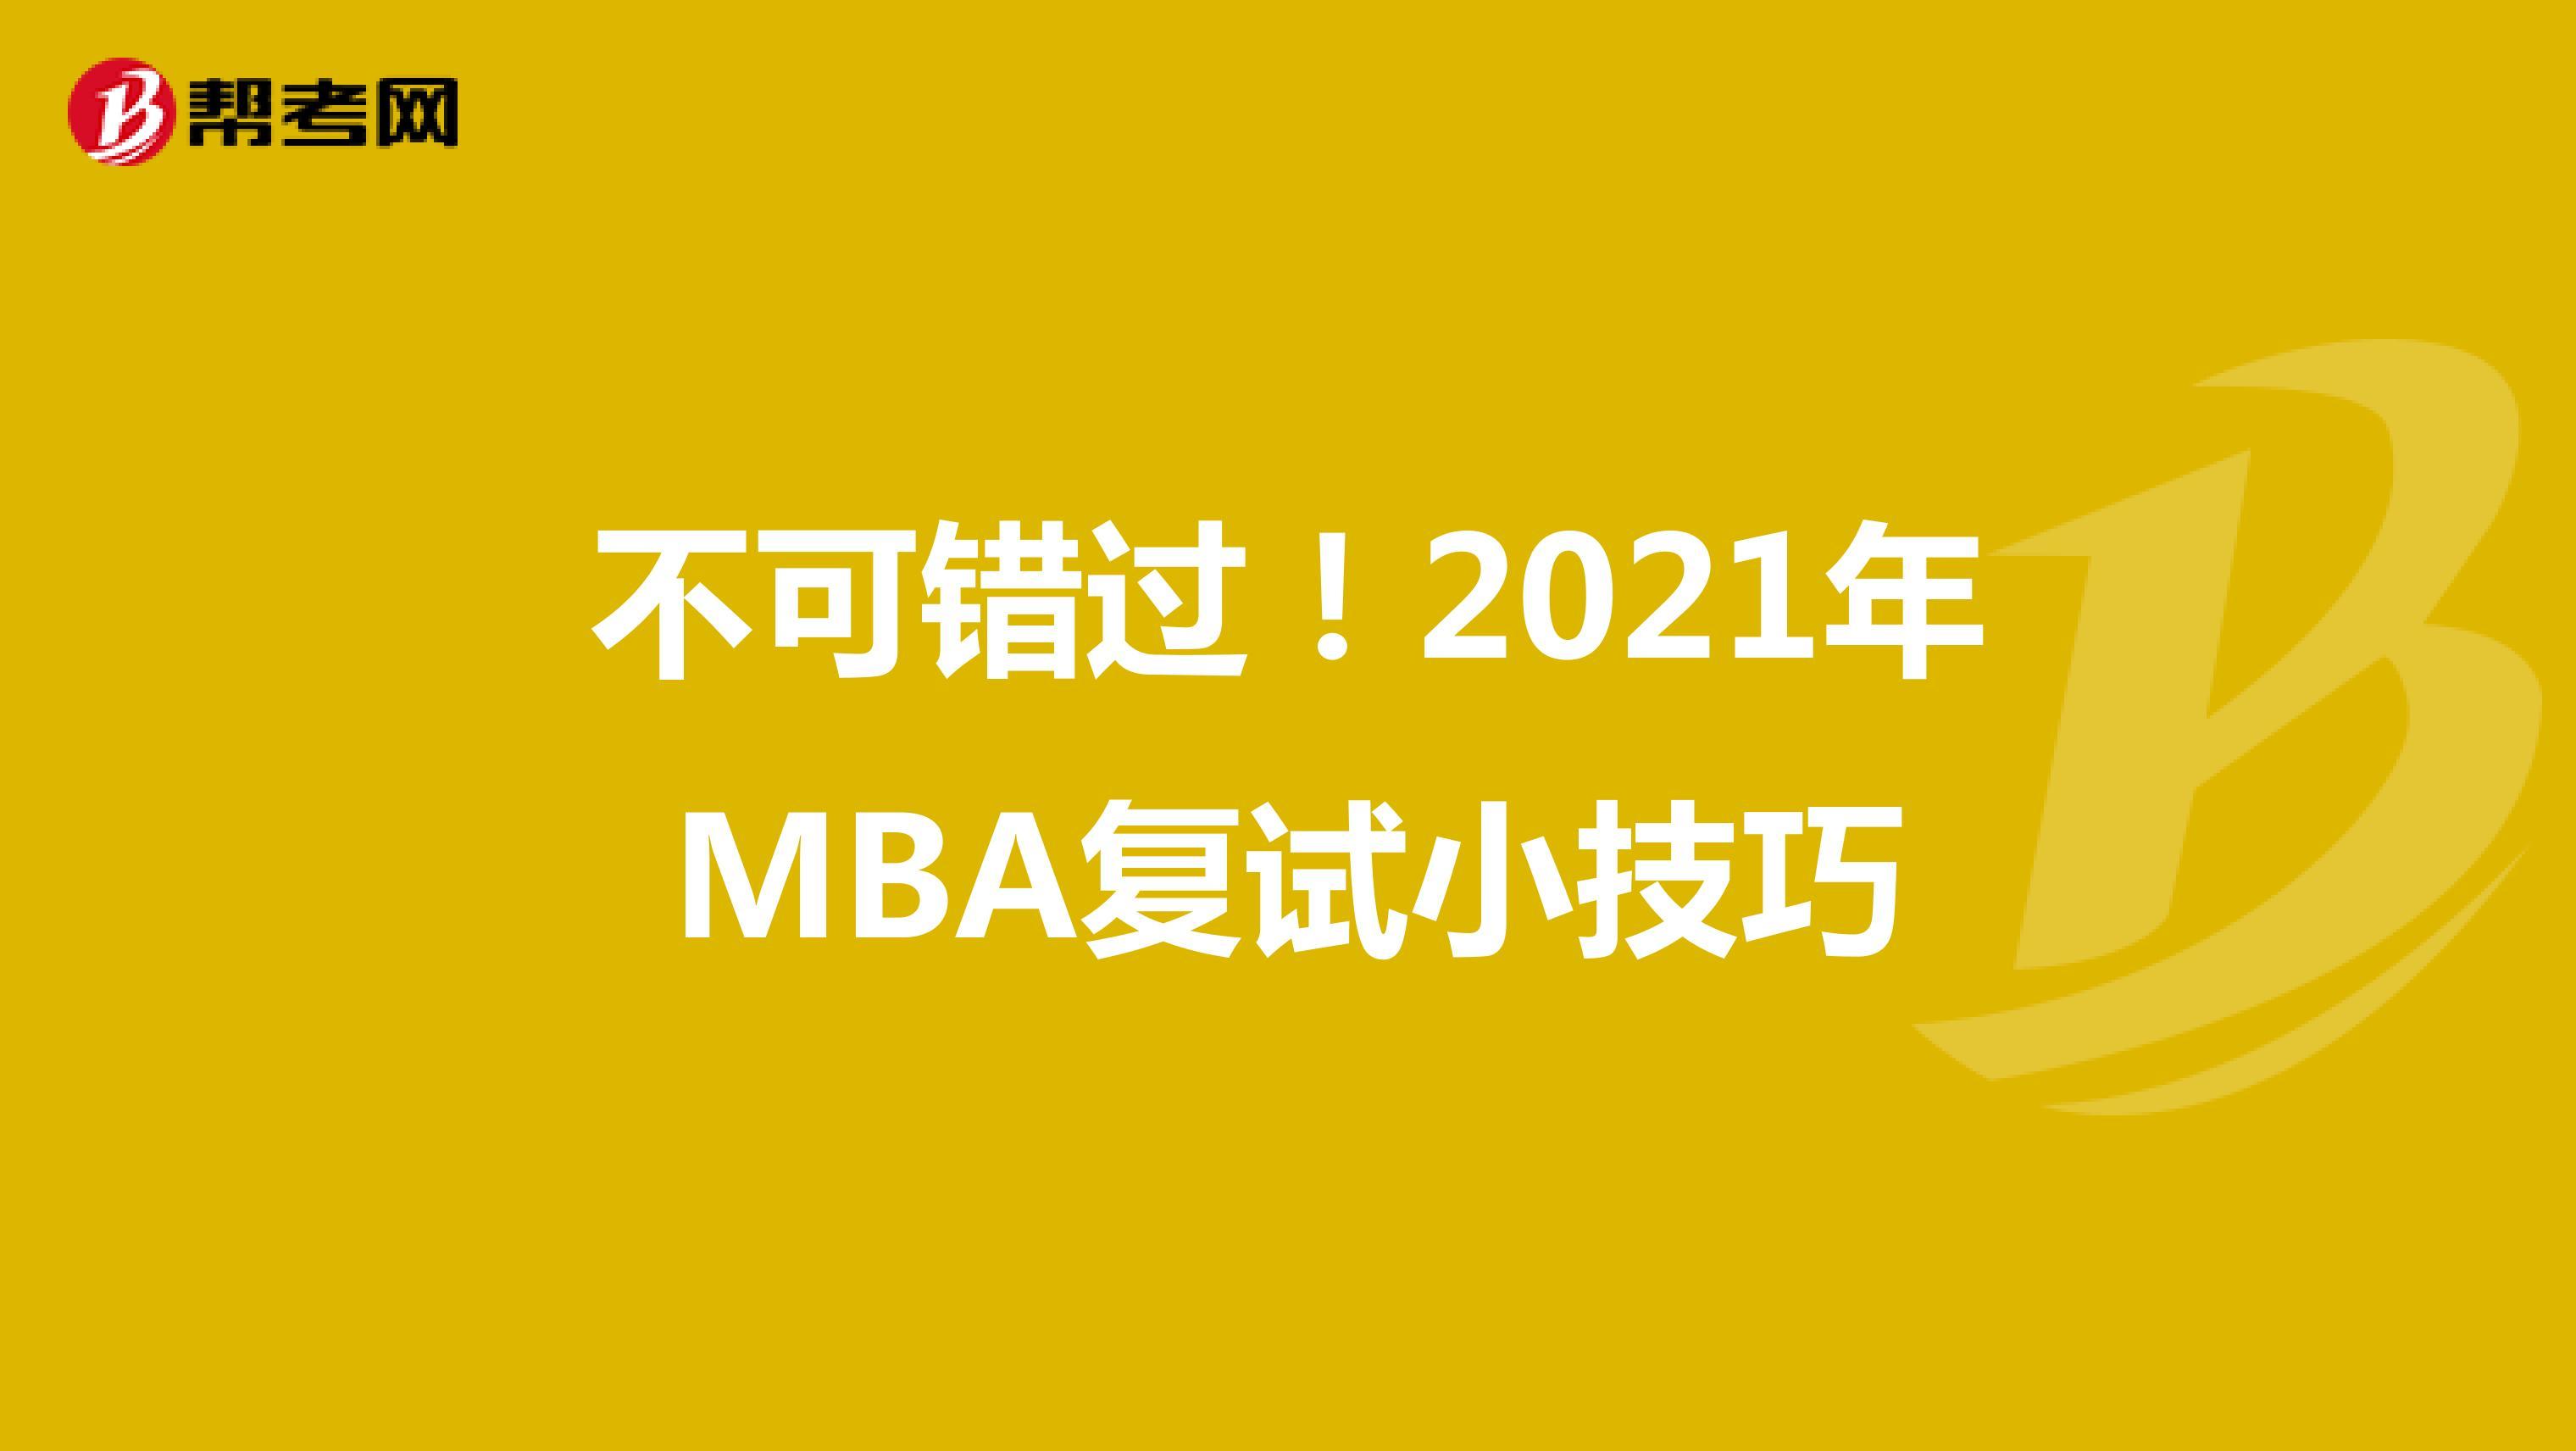 不可错过!2021年MBA复试小技巧